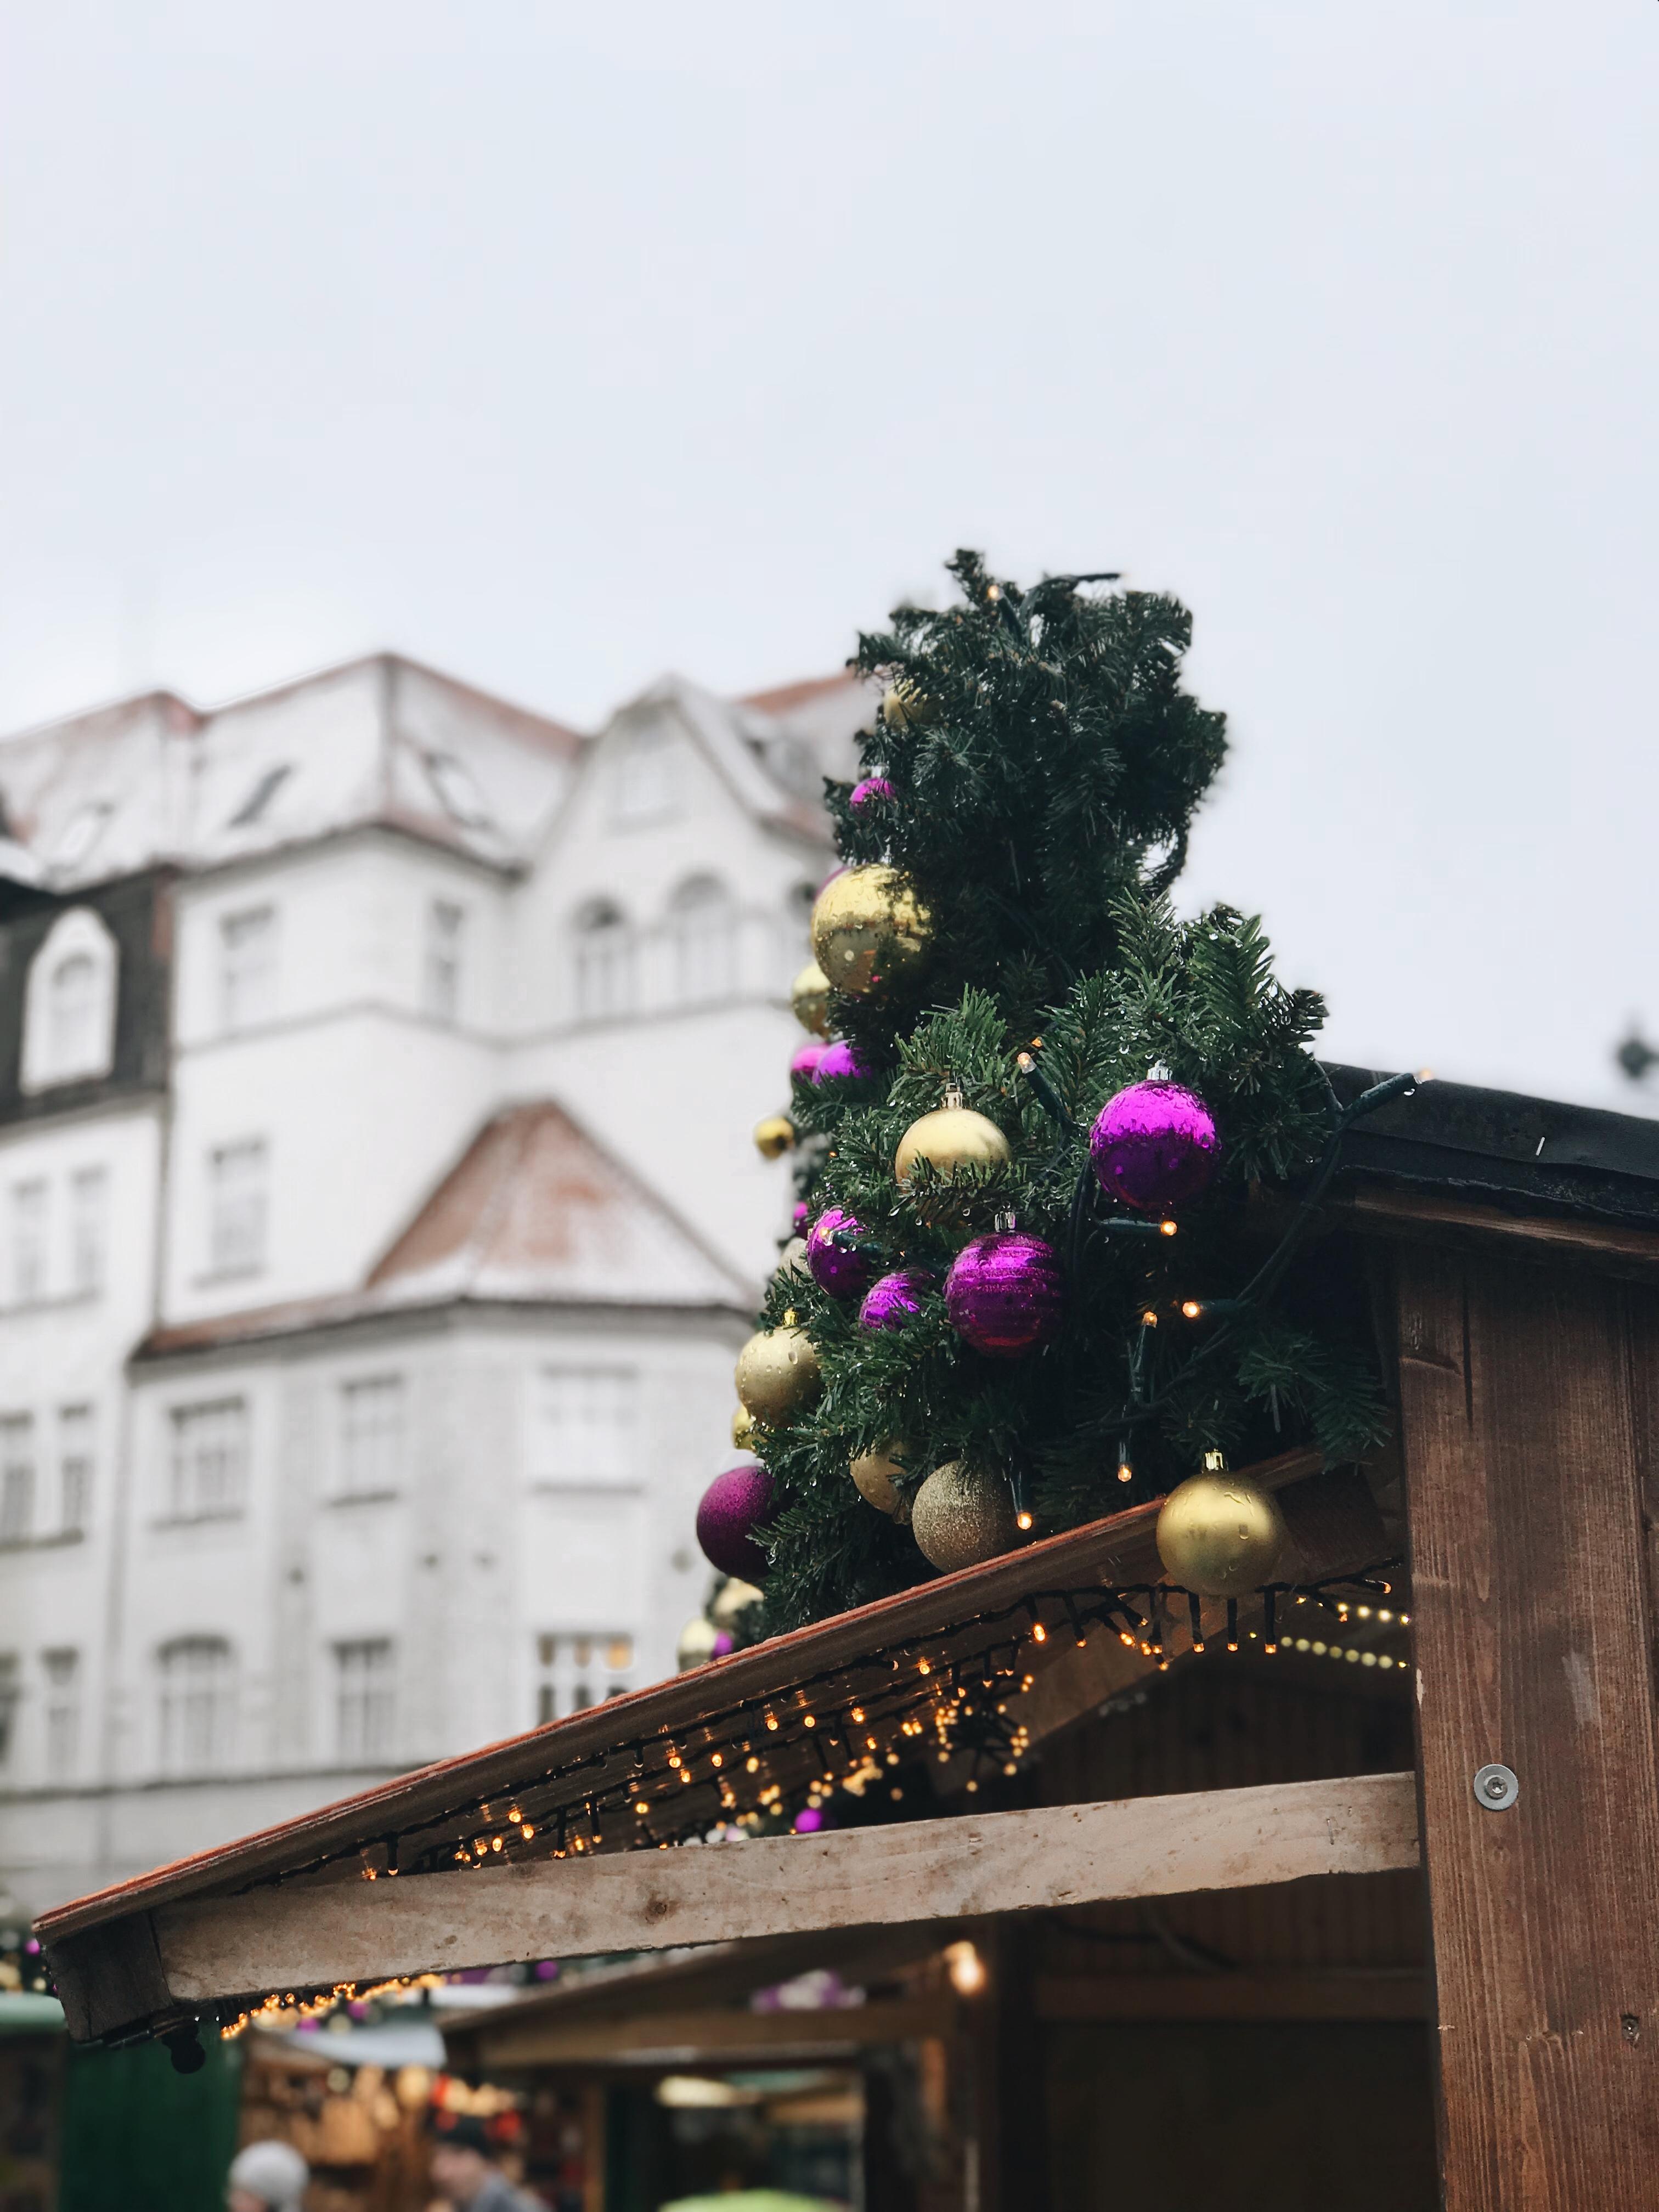 Tagesausflug – von Wien nach Brno / Brünn Travelguide